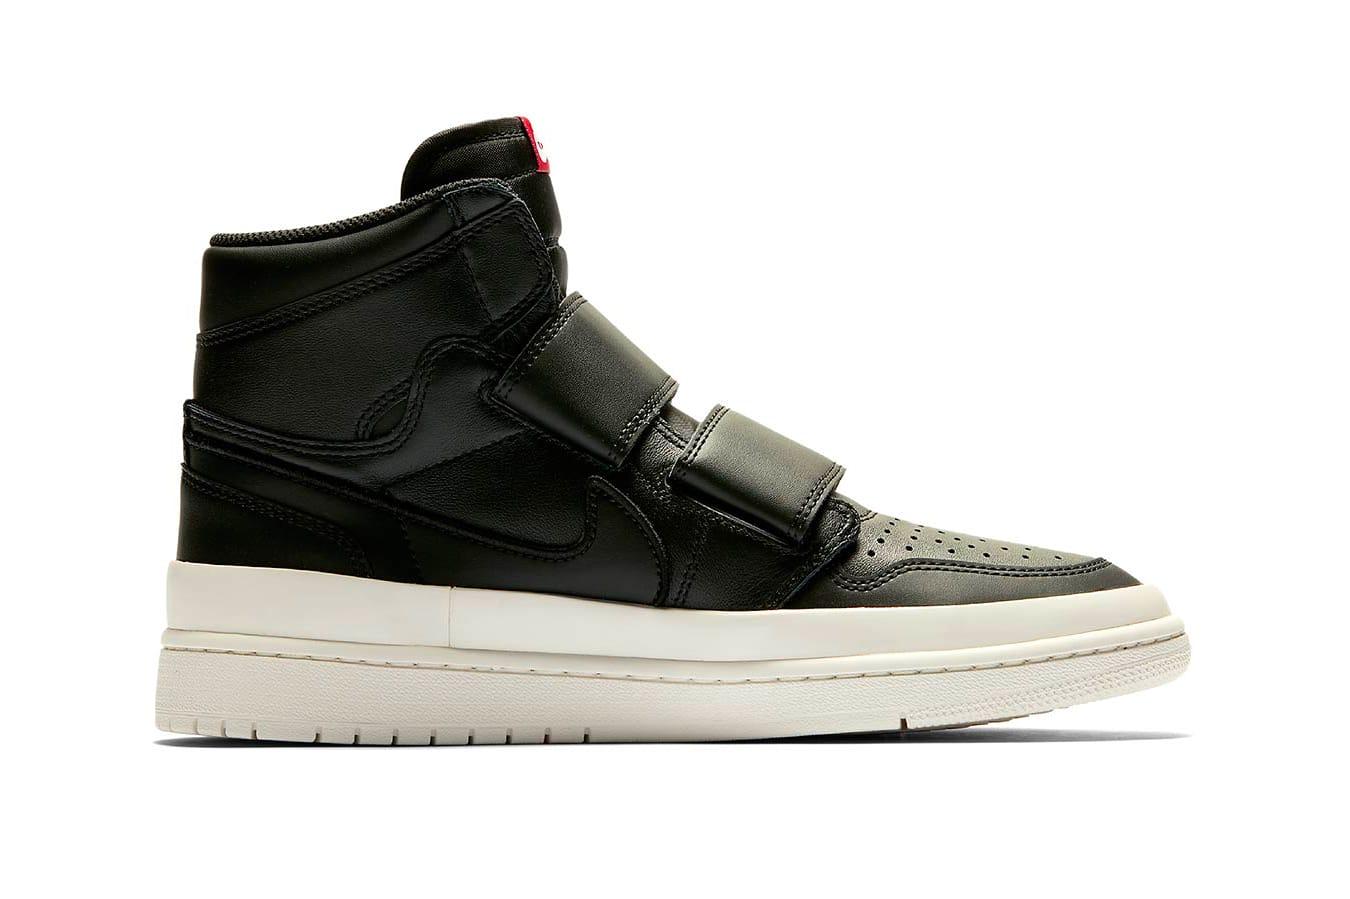 Air Jordan 1 High Double Strap First